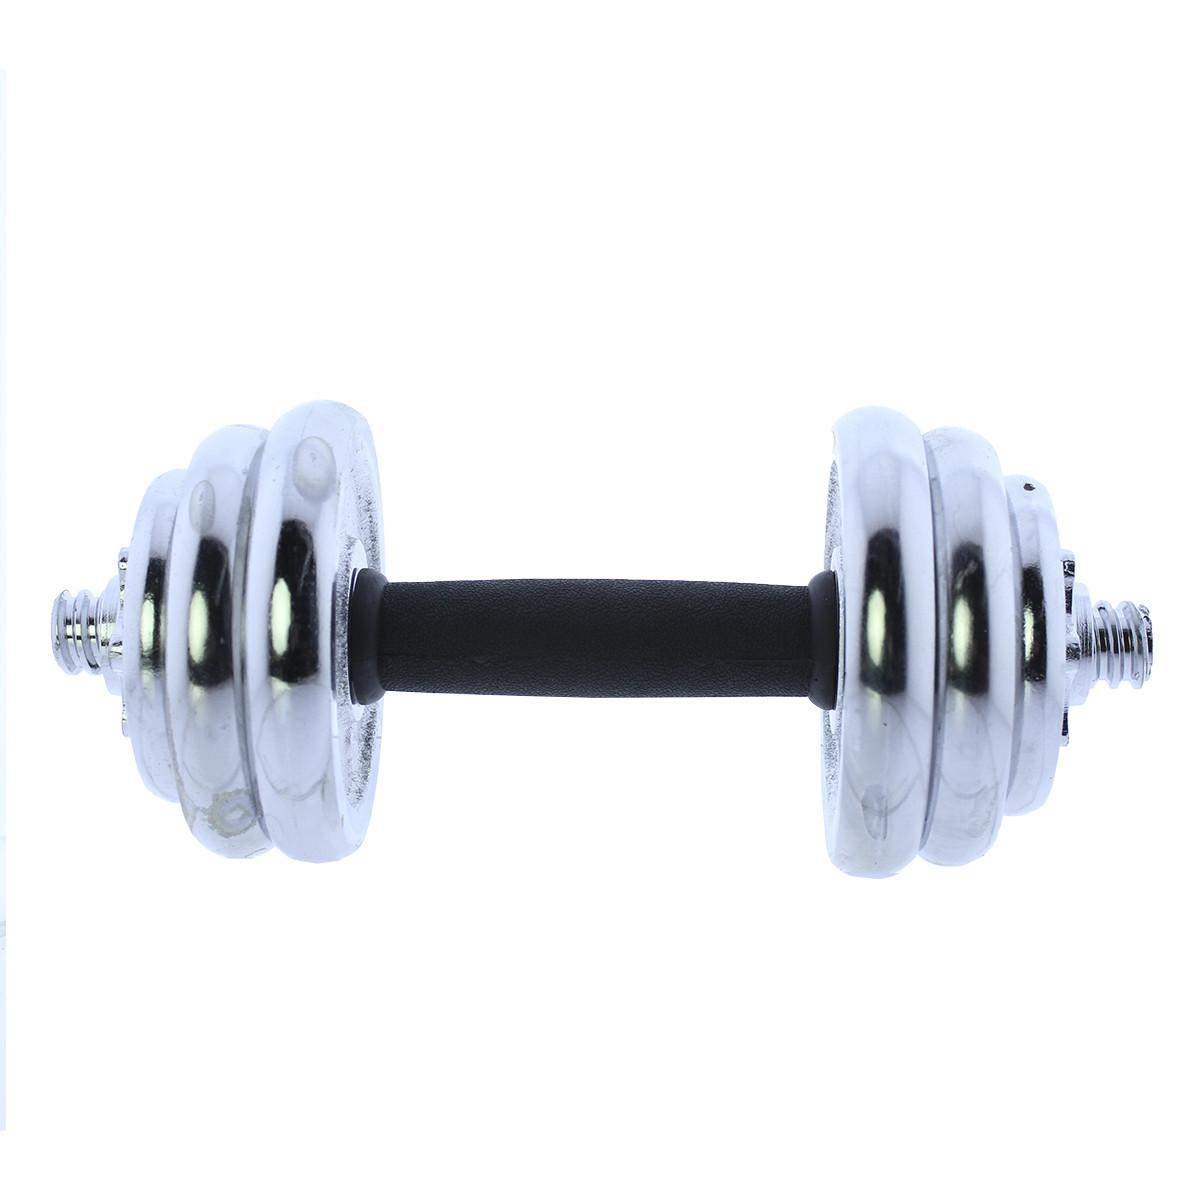 Set-de-mancuernas-ajustables-cromadas-10kg-15kg-20kg-Riscko miniatura 18